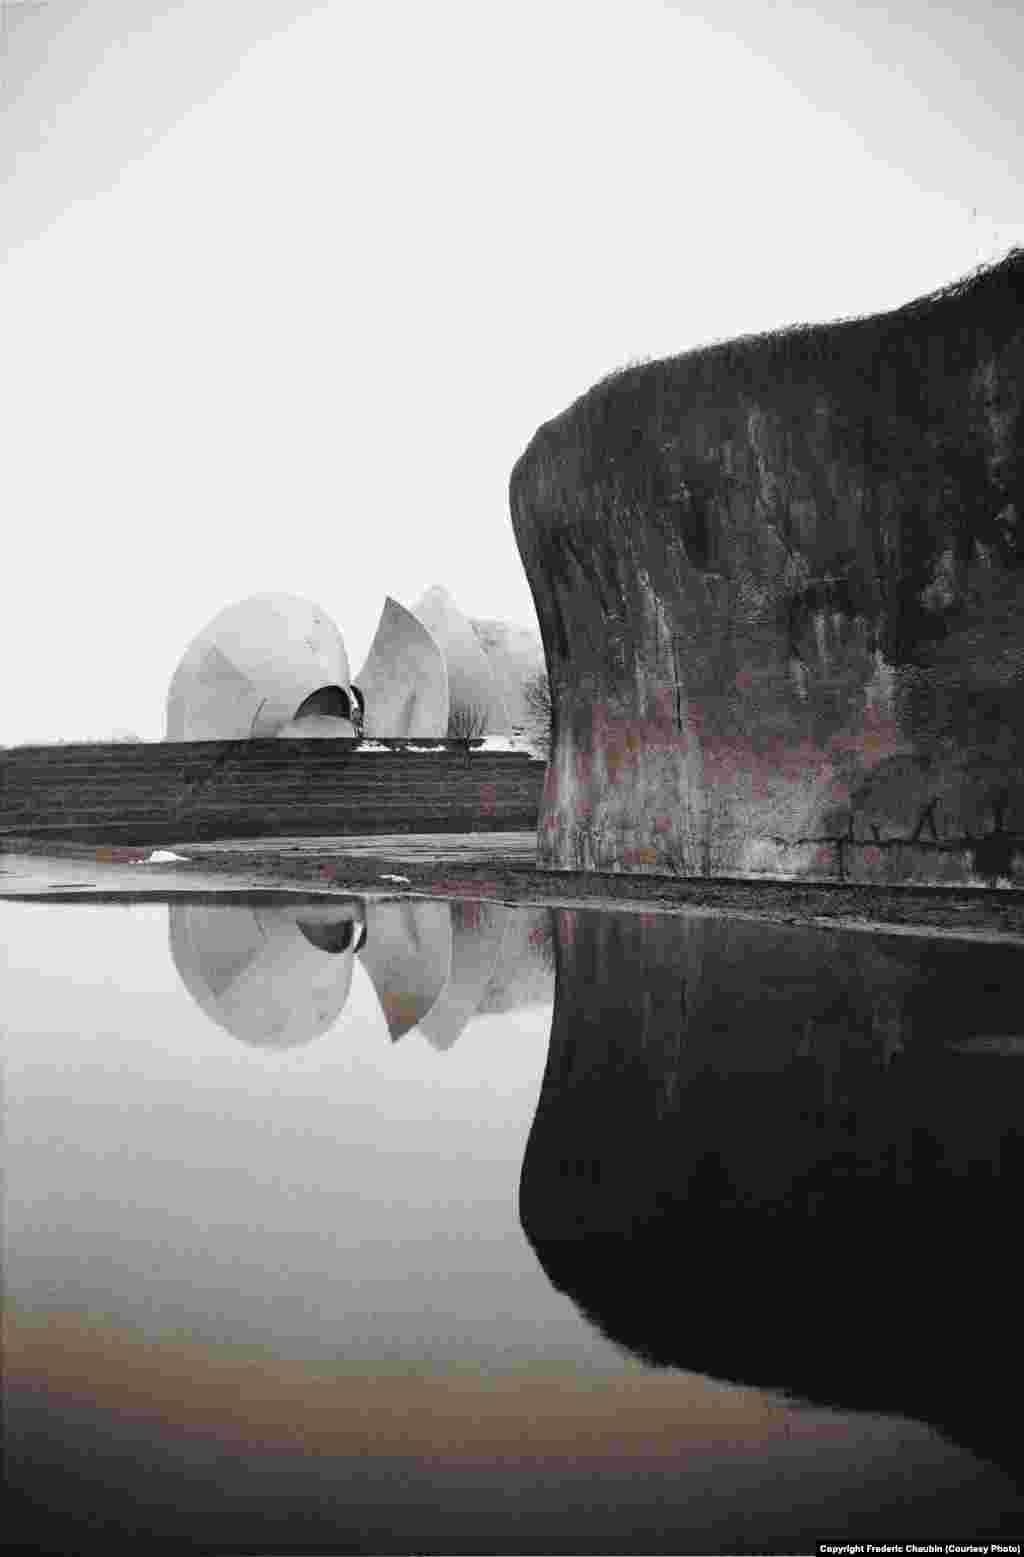 Київський крематорій, побудований 1985 року. Архітектор –Авраам Милецький. «Але я не відчуваю захоплення колишнім Радянським Союзом, –ділиться фотограф. –У моїй роботі немає цієї ностальгії»